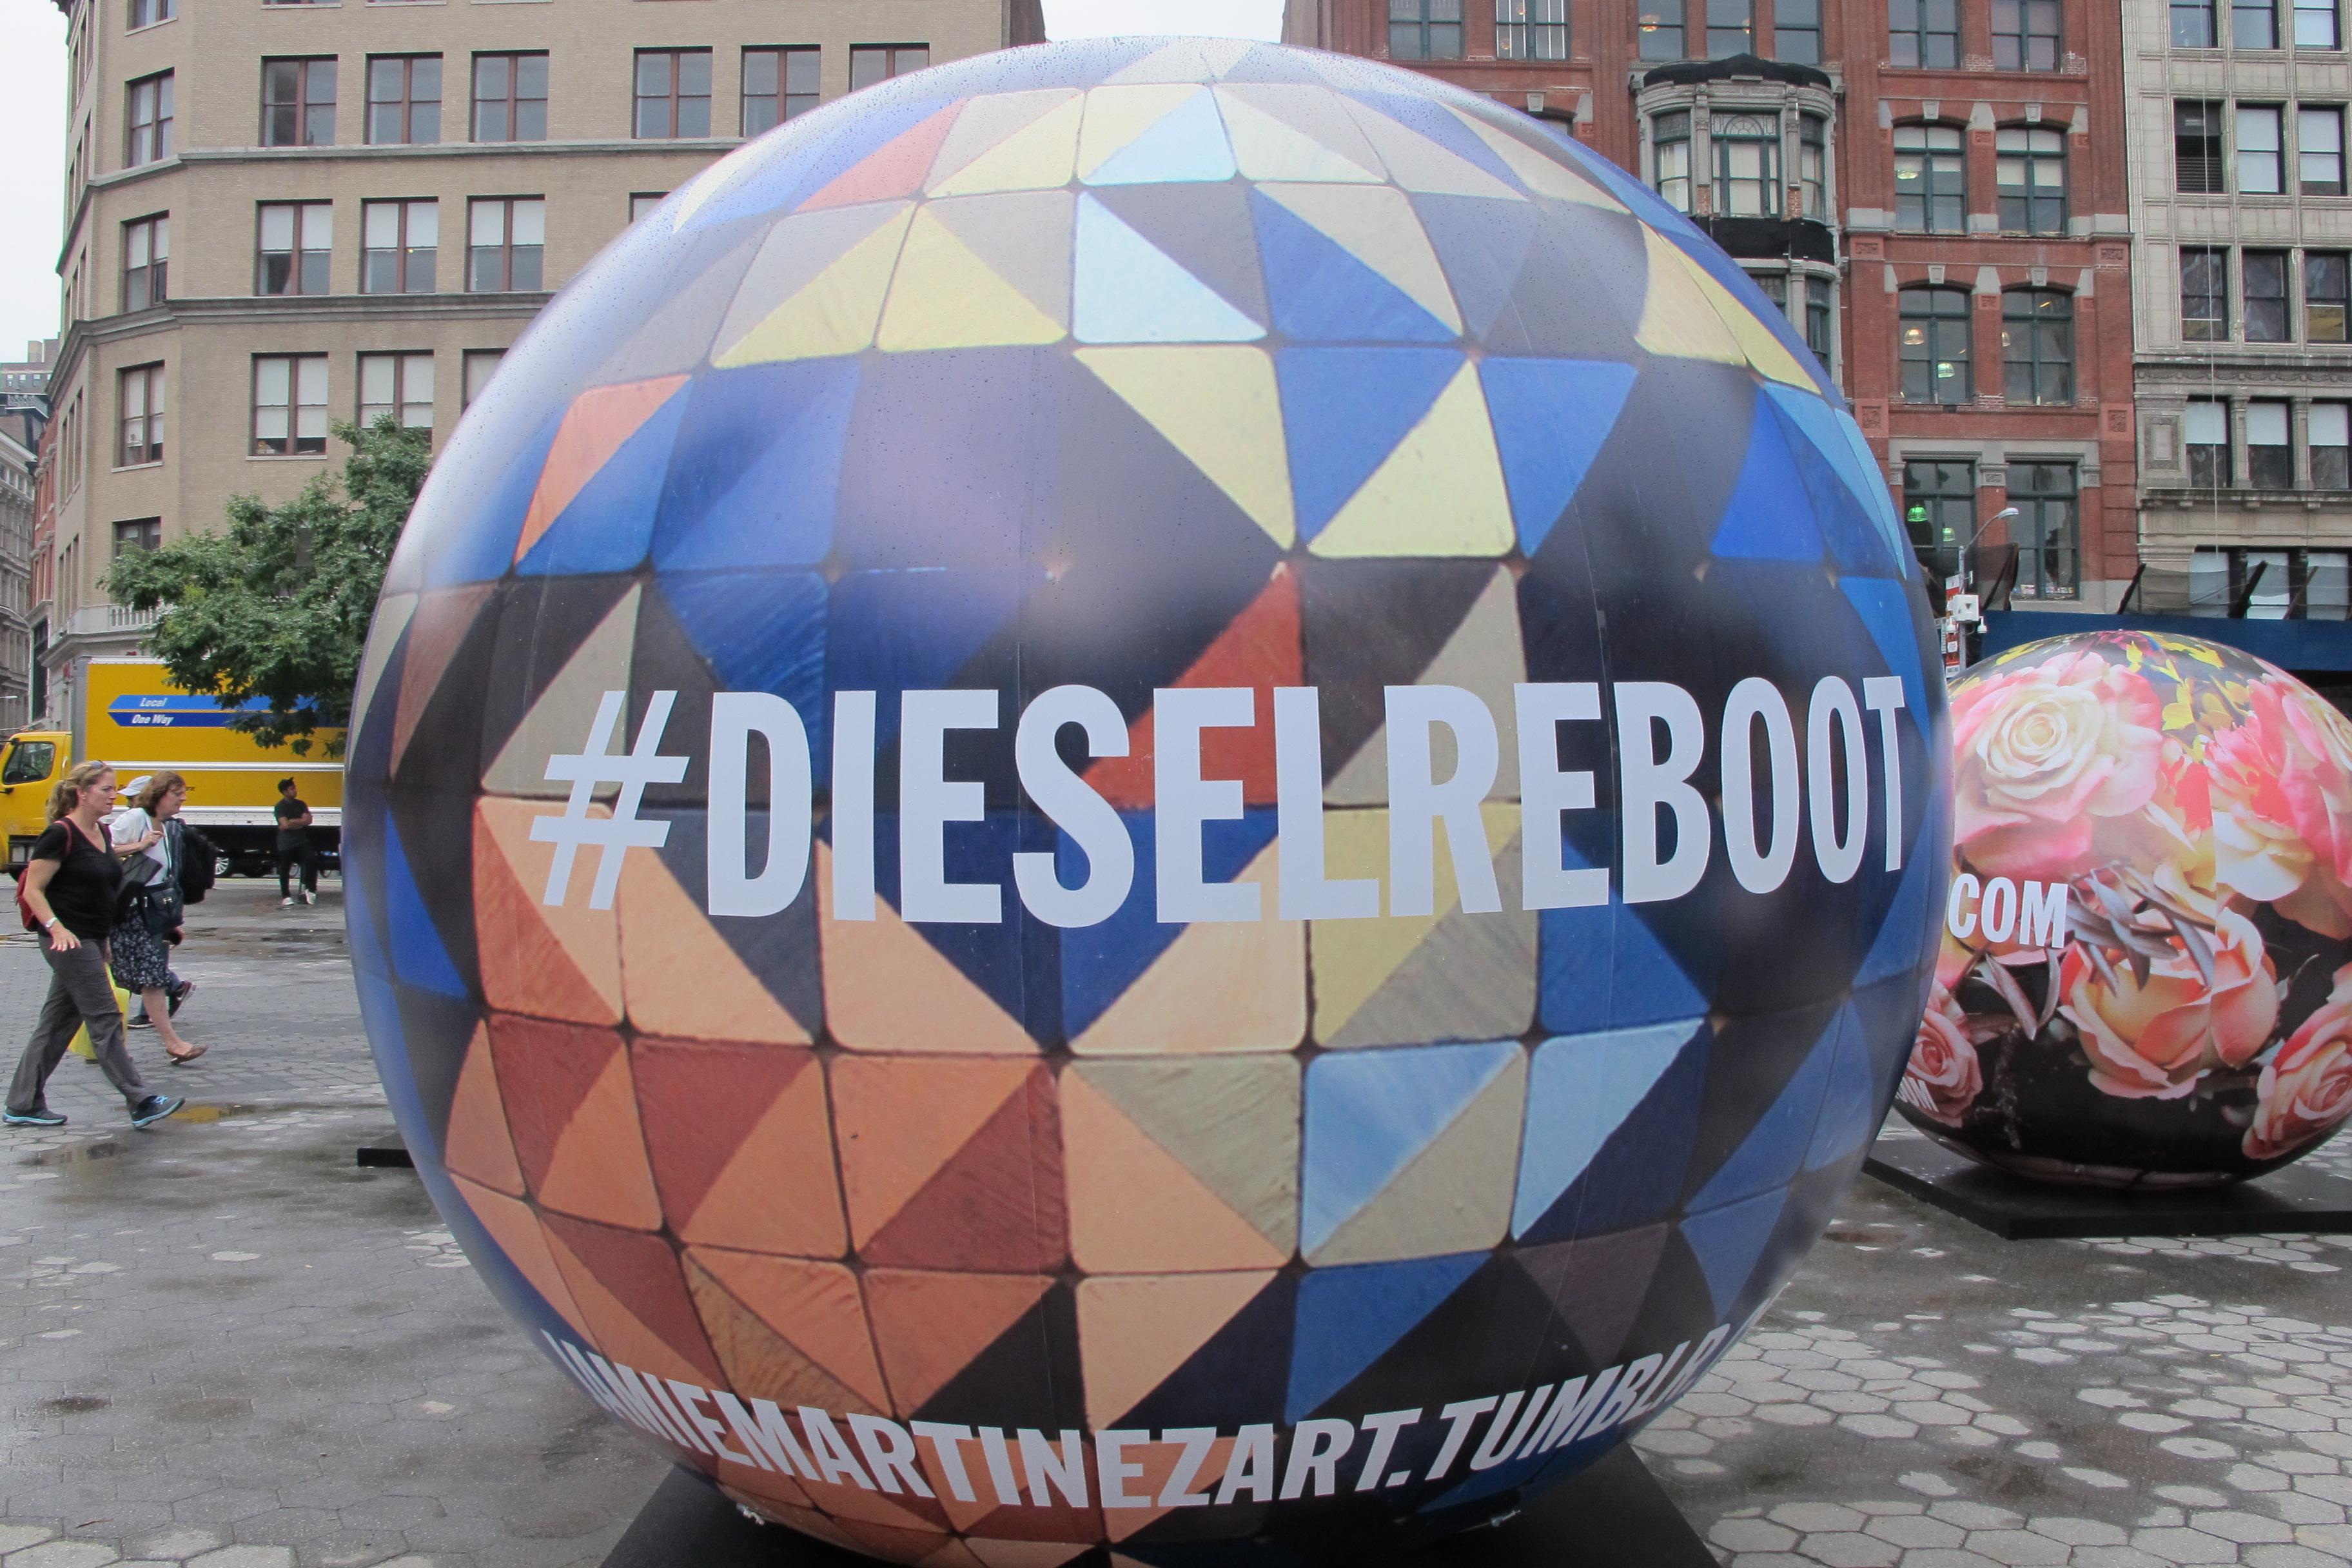 Diesel installation in Union Square, Triangulism art by Jamie Martinez